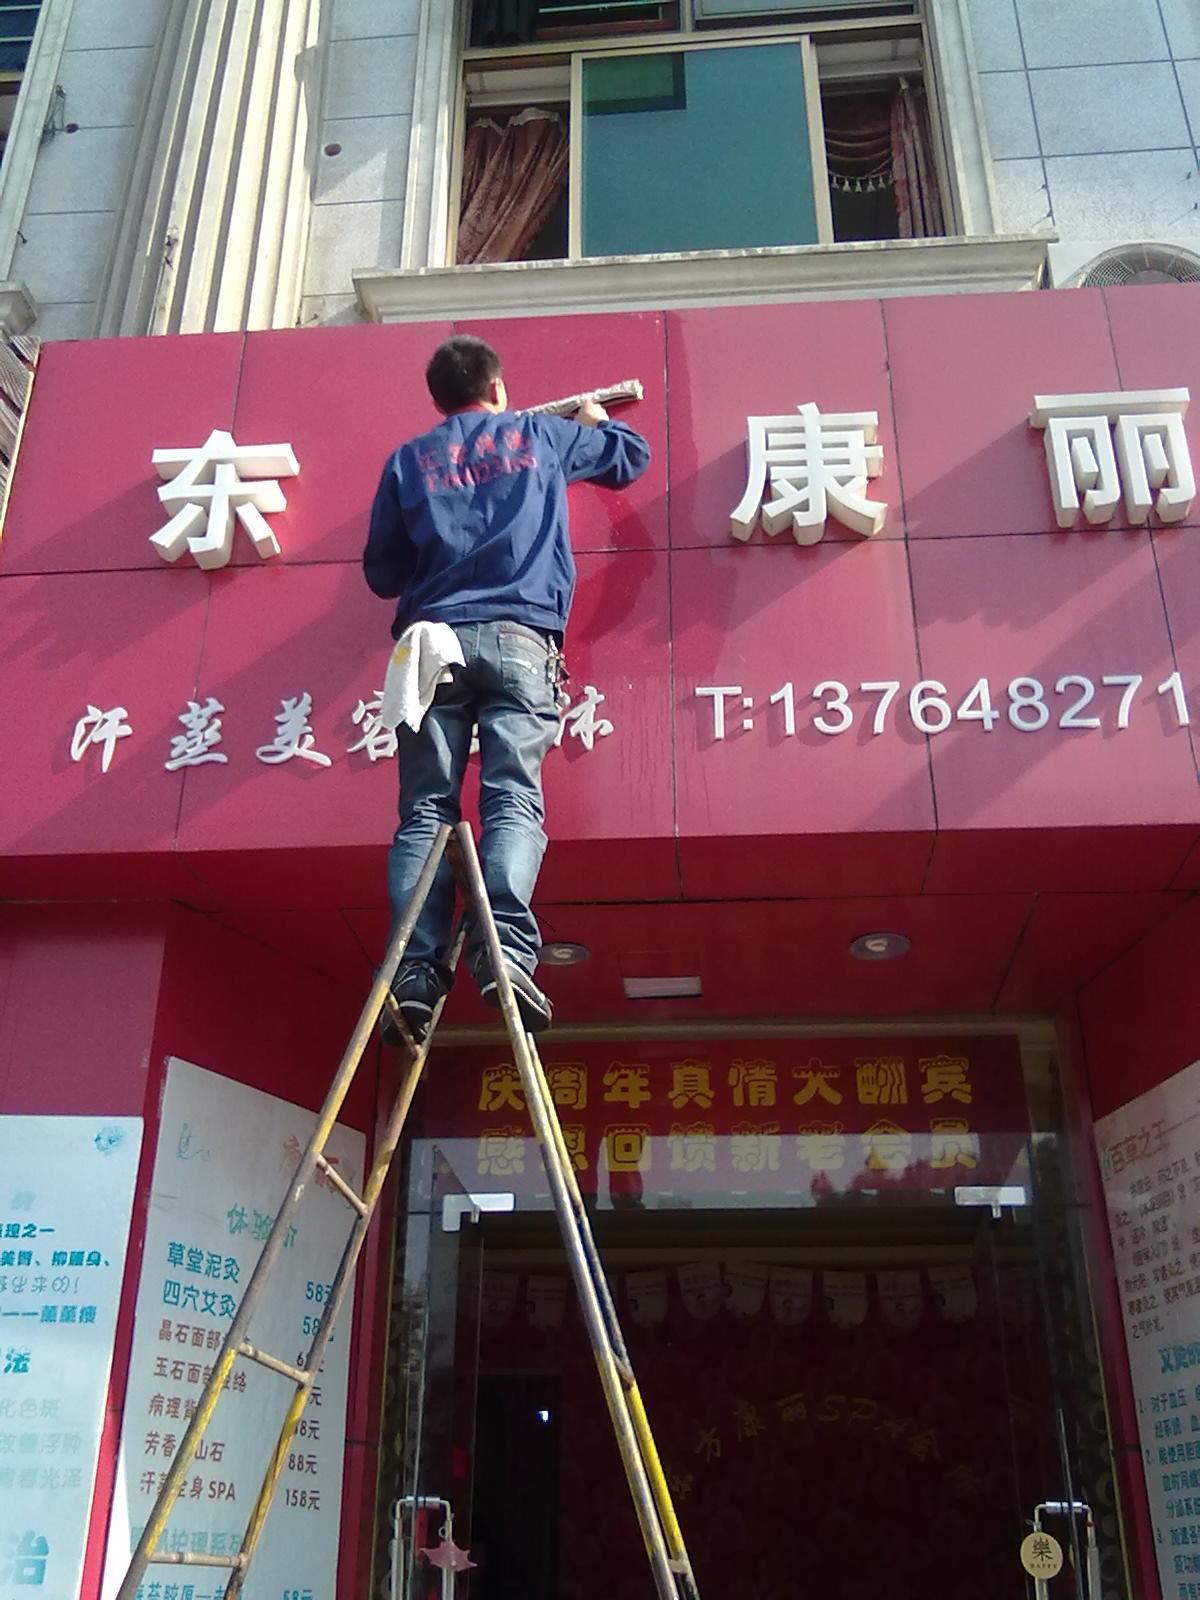 供应武汉公园广告牌,品轶广告制作,您的图片